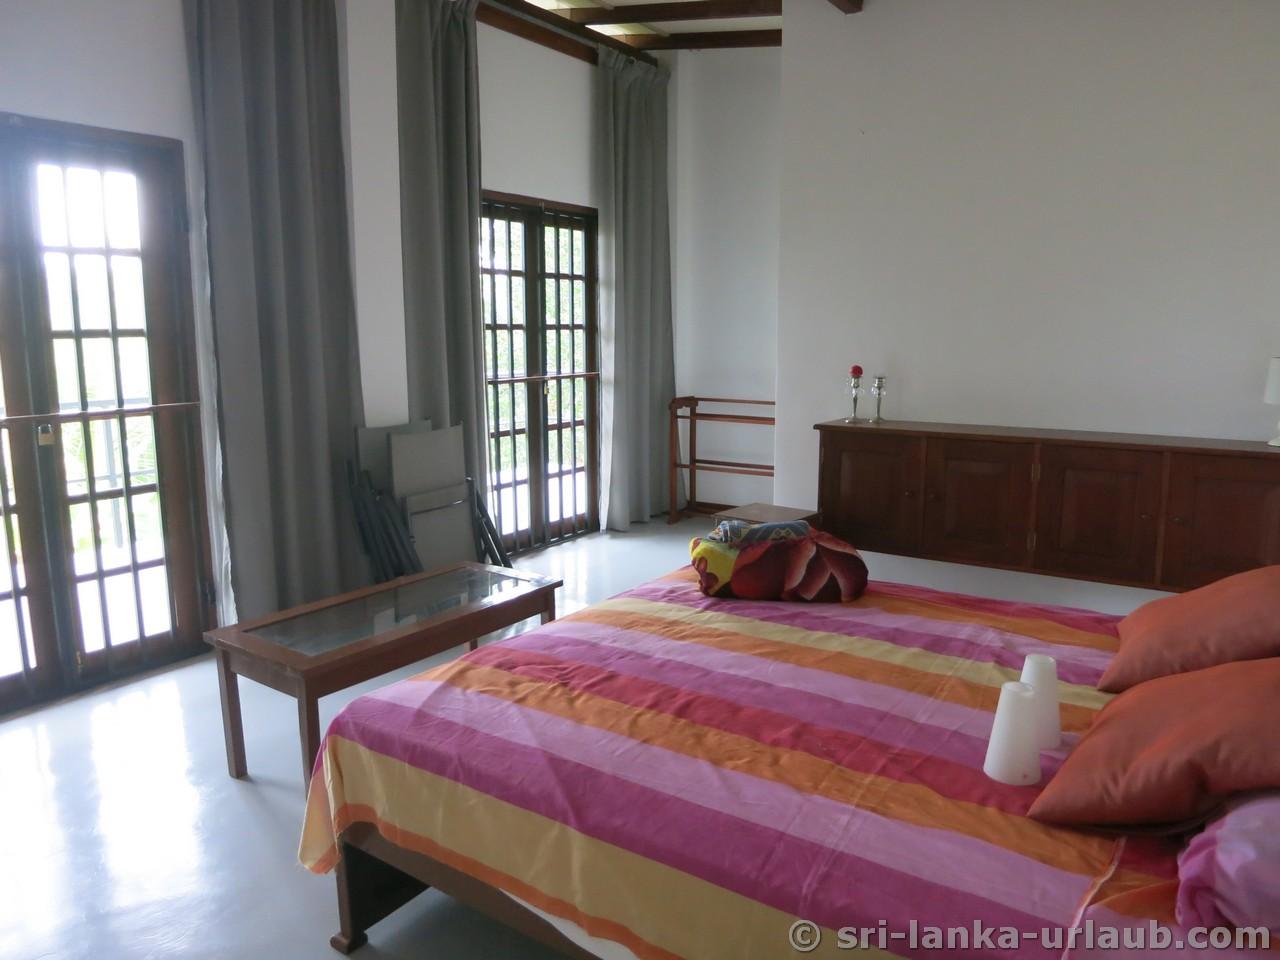 haus srilanka 10 sri lanka urlaub. Black Bedroom Furniture Sets. Home Design Ideas